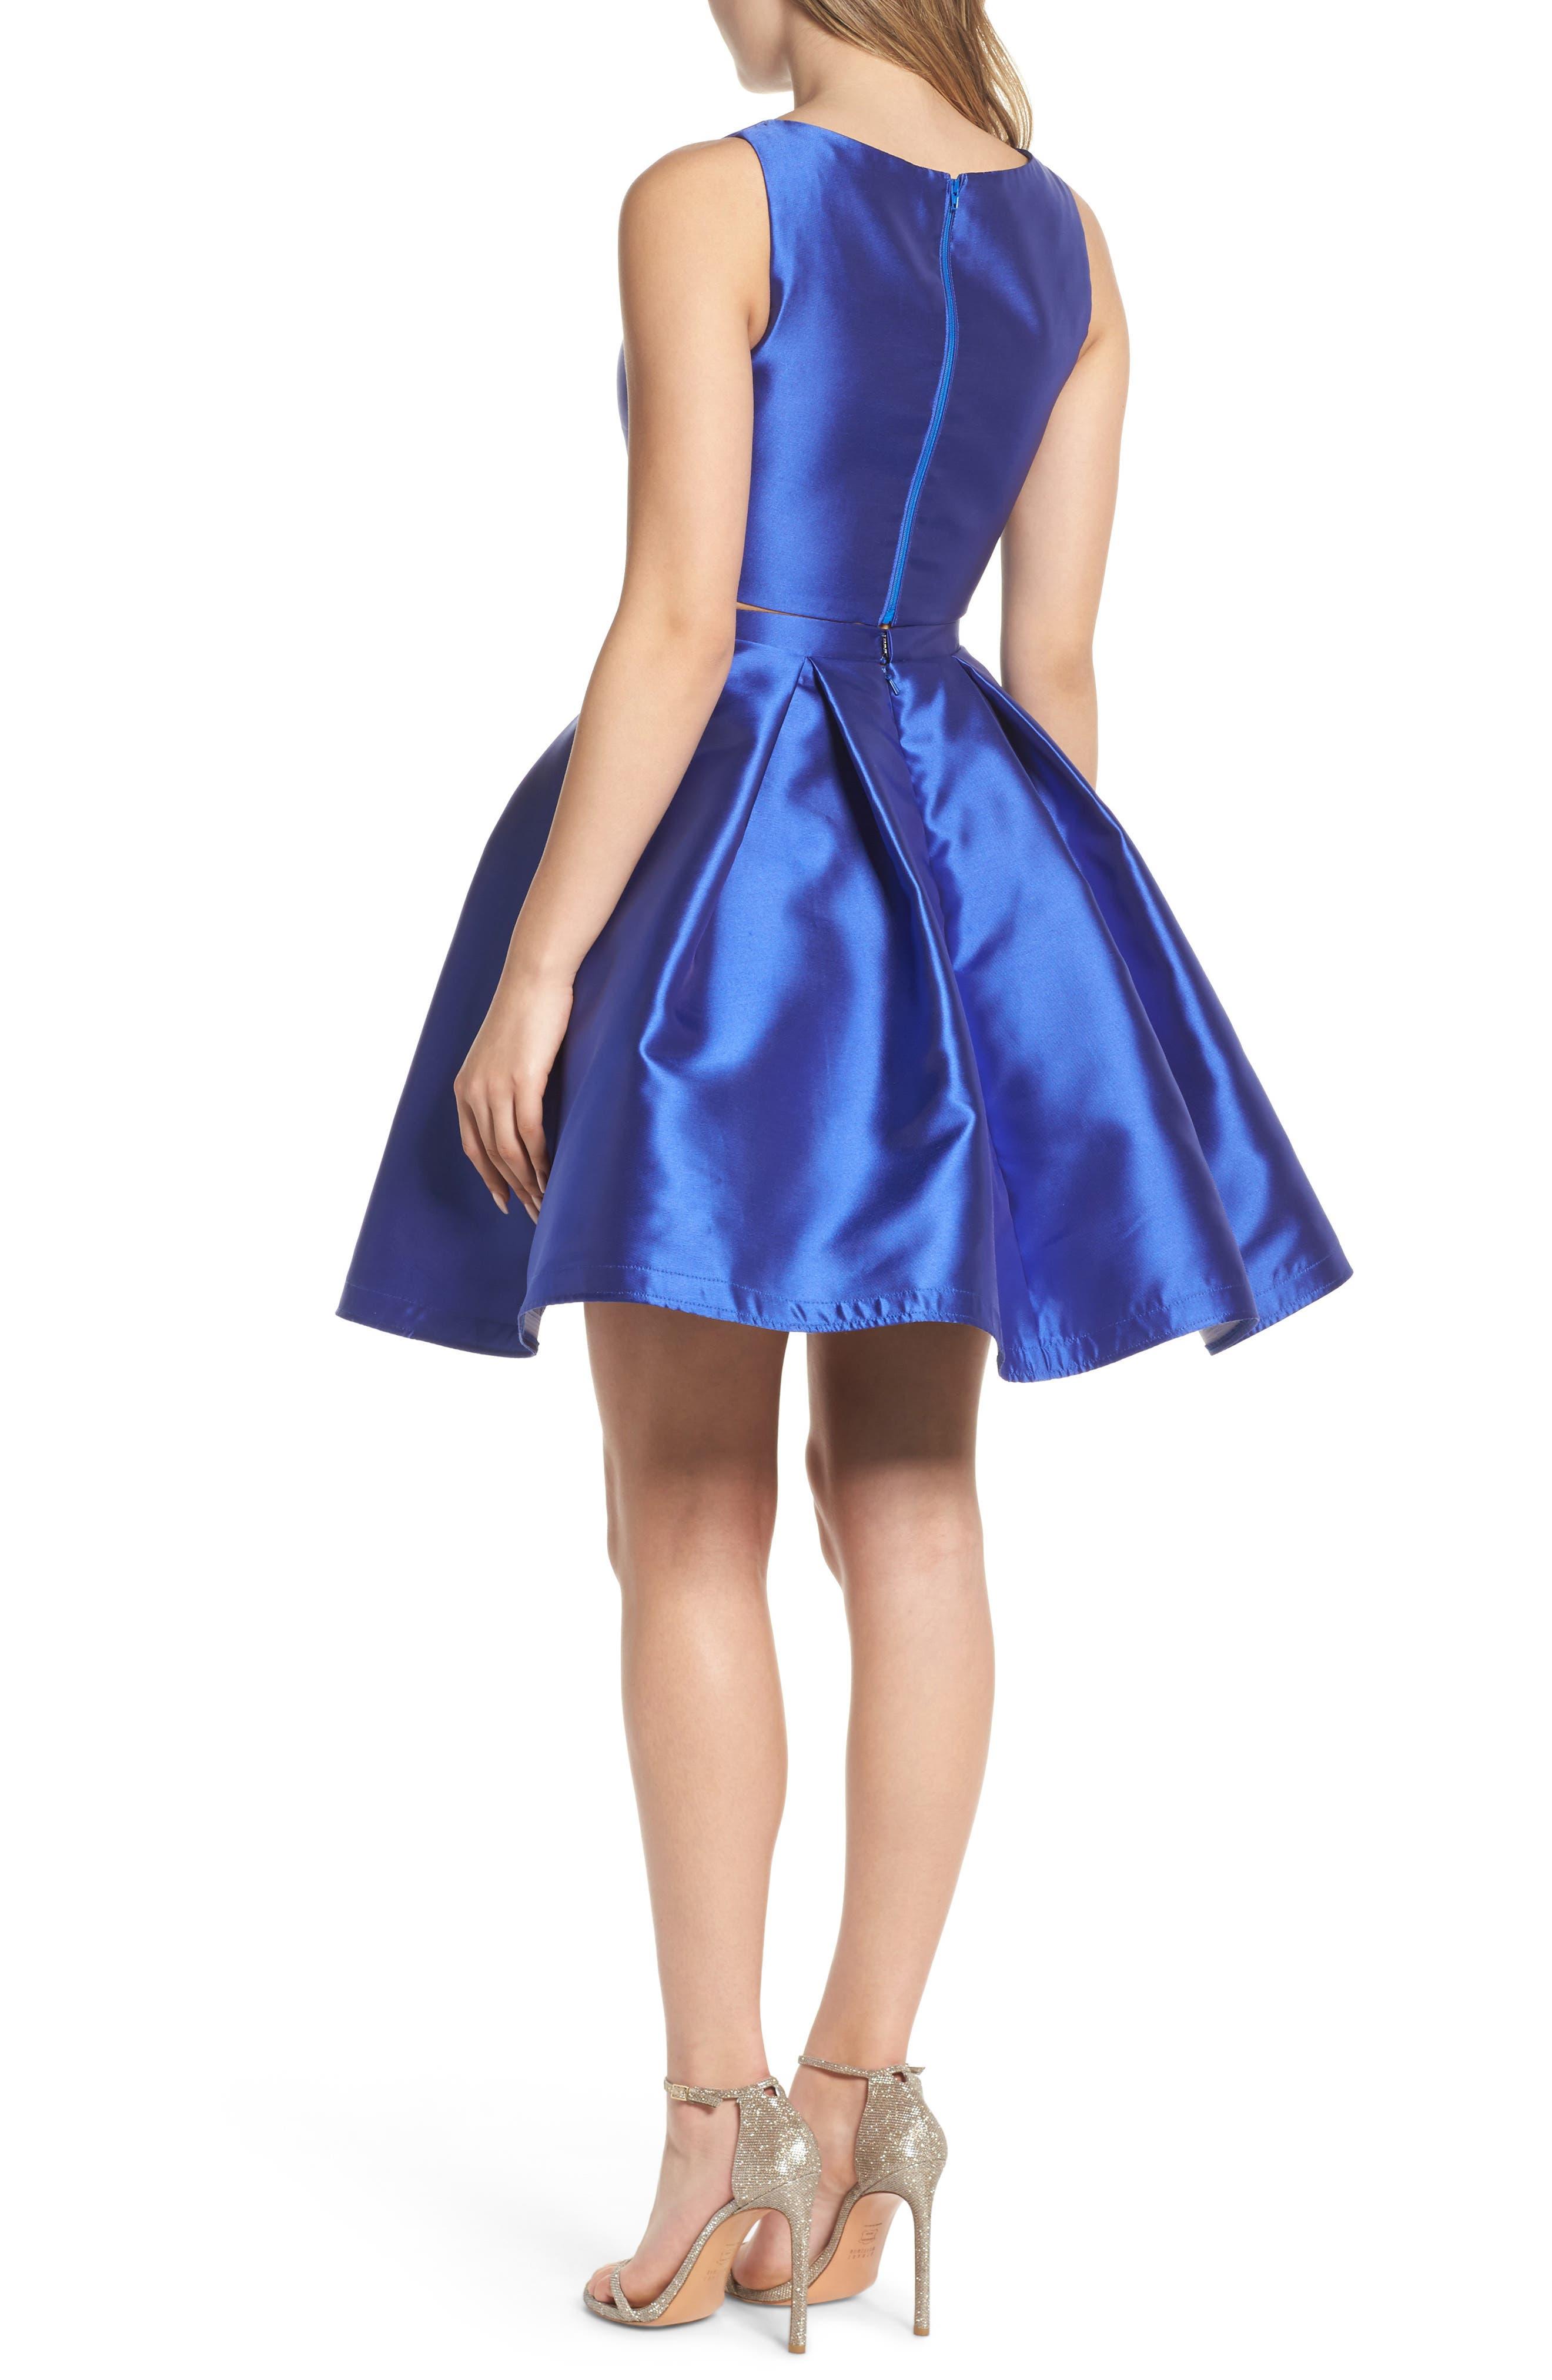 Skater Skirt Two-Piece Dress,                             Alternate thumbnail 2, color,                             SAPPHIRE